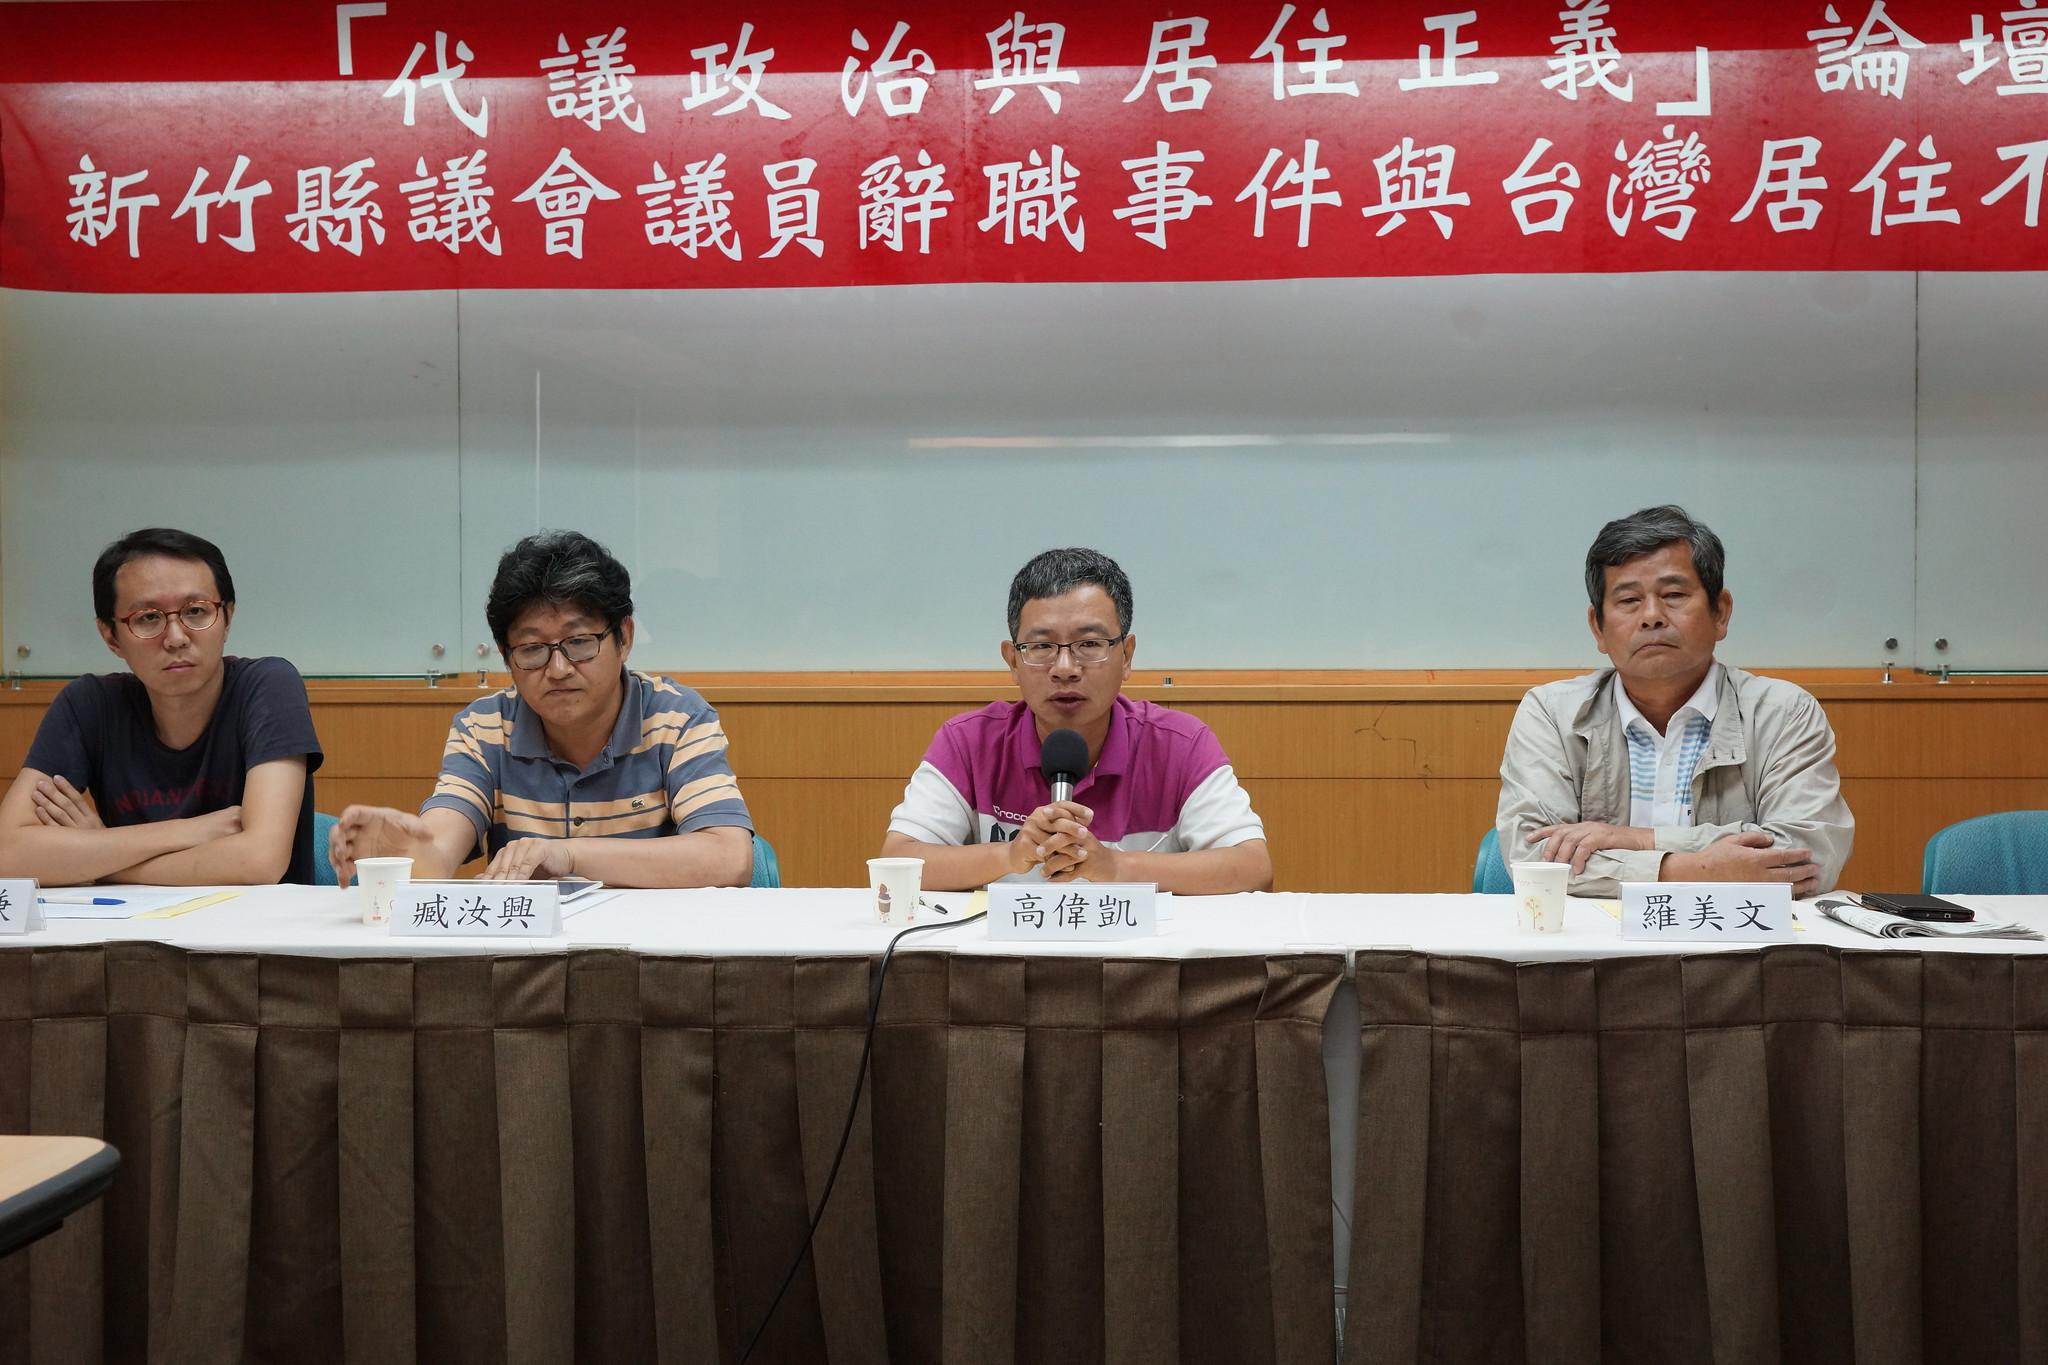 高偉凱今出席「代議政治與居住正義」論壇。(攝影:王顥中)